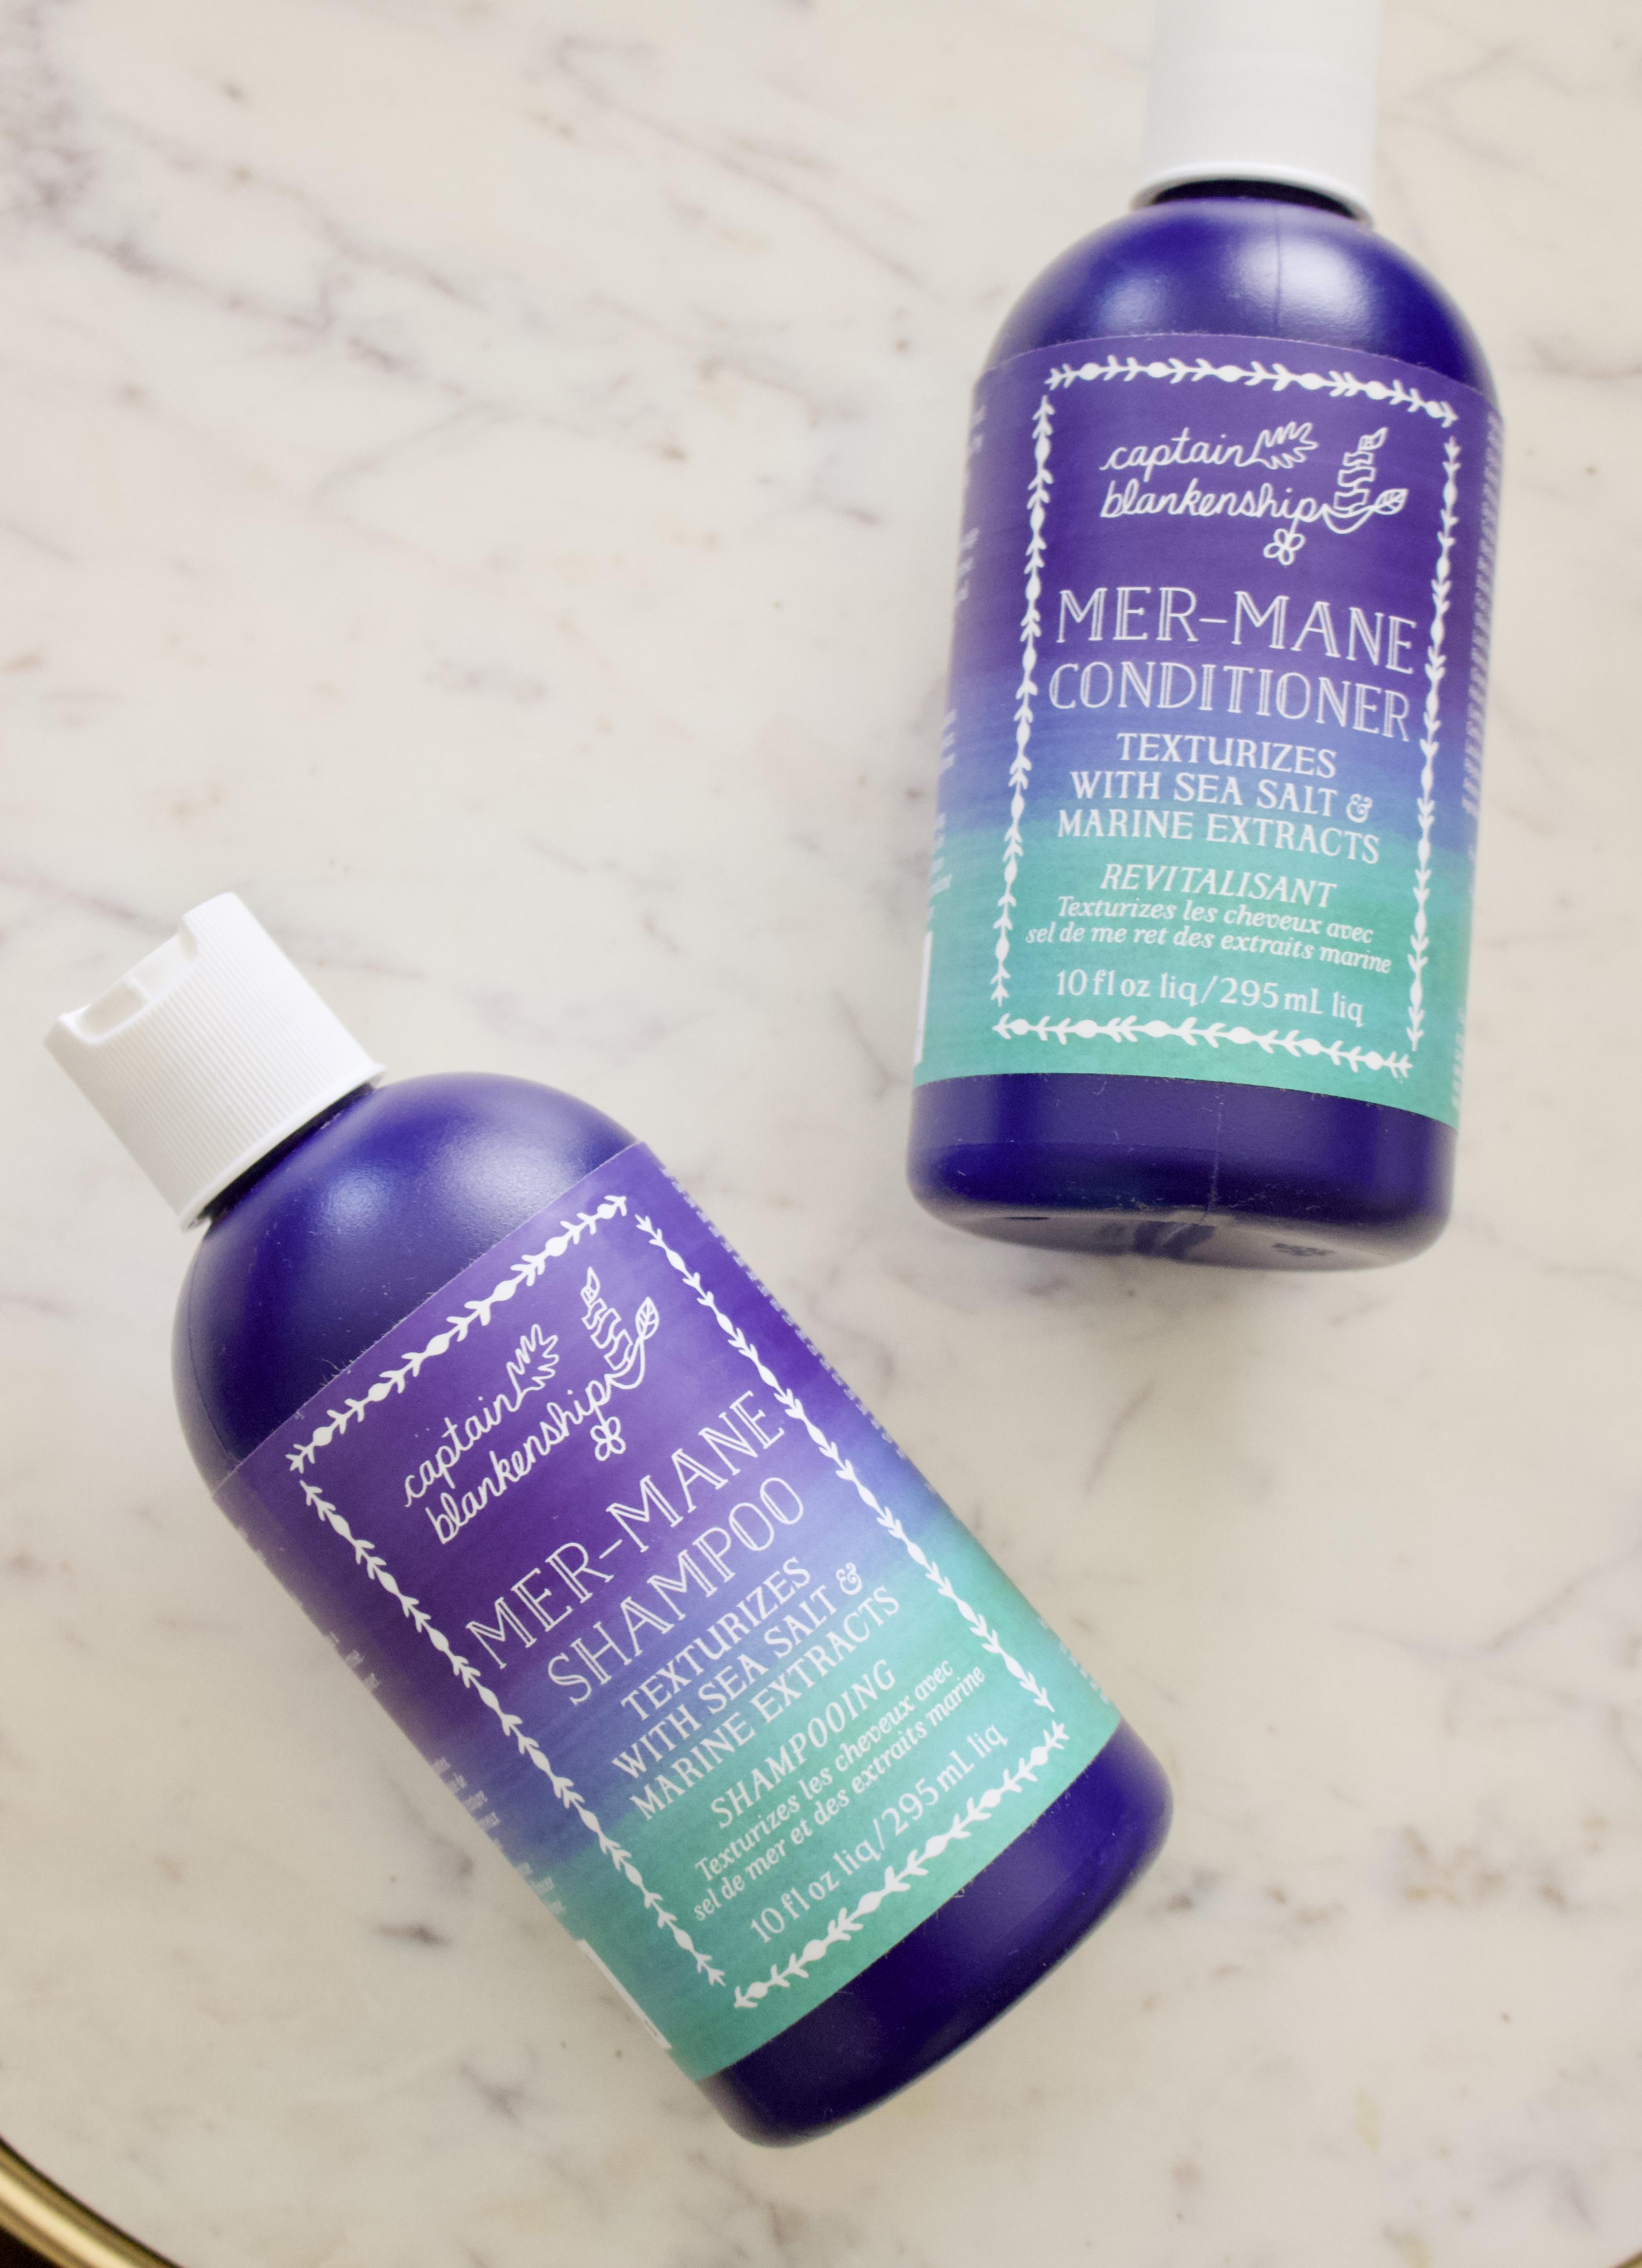 captain blankenship mermane shampoo review